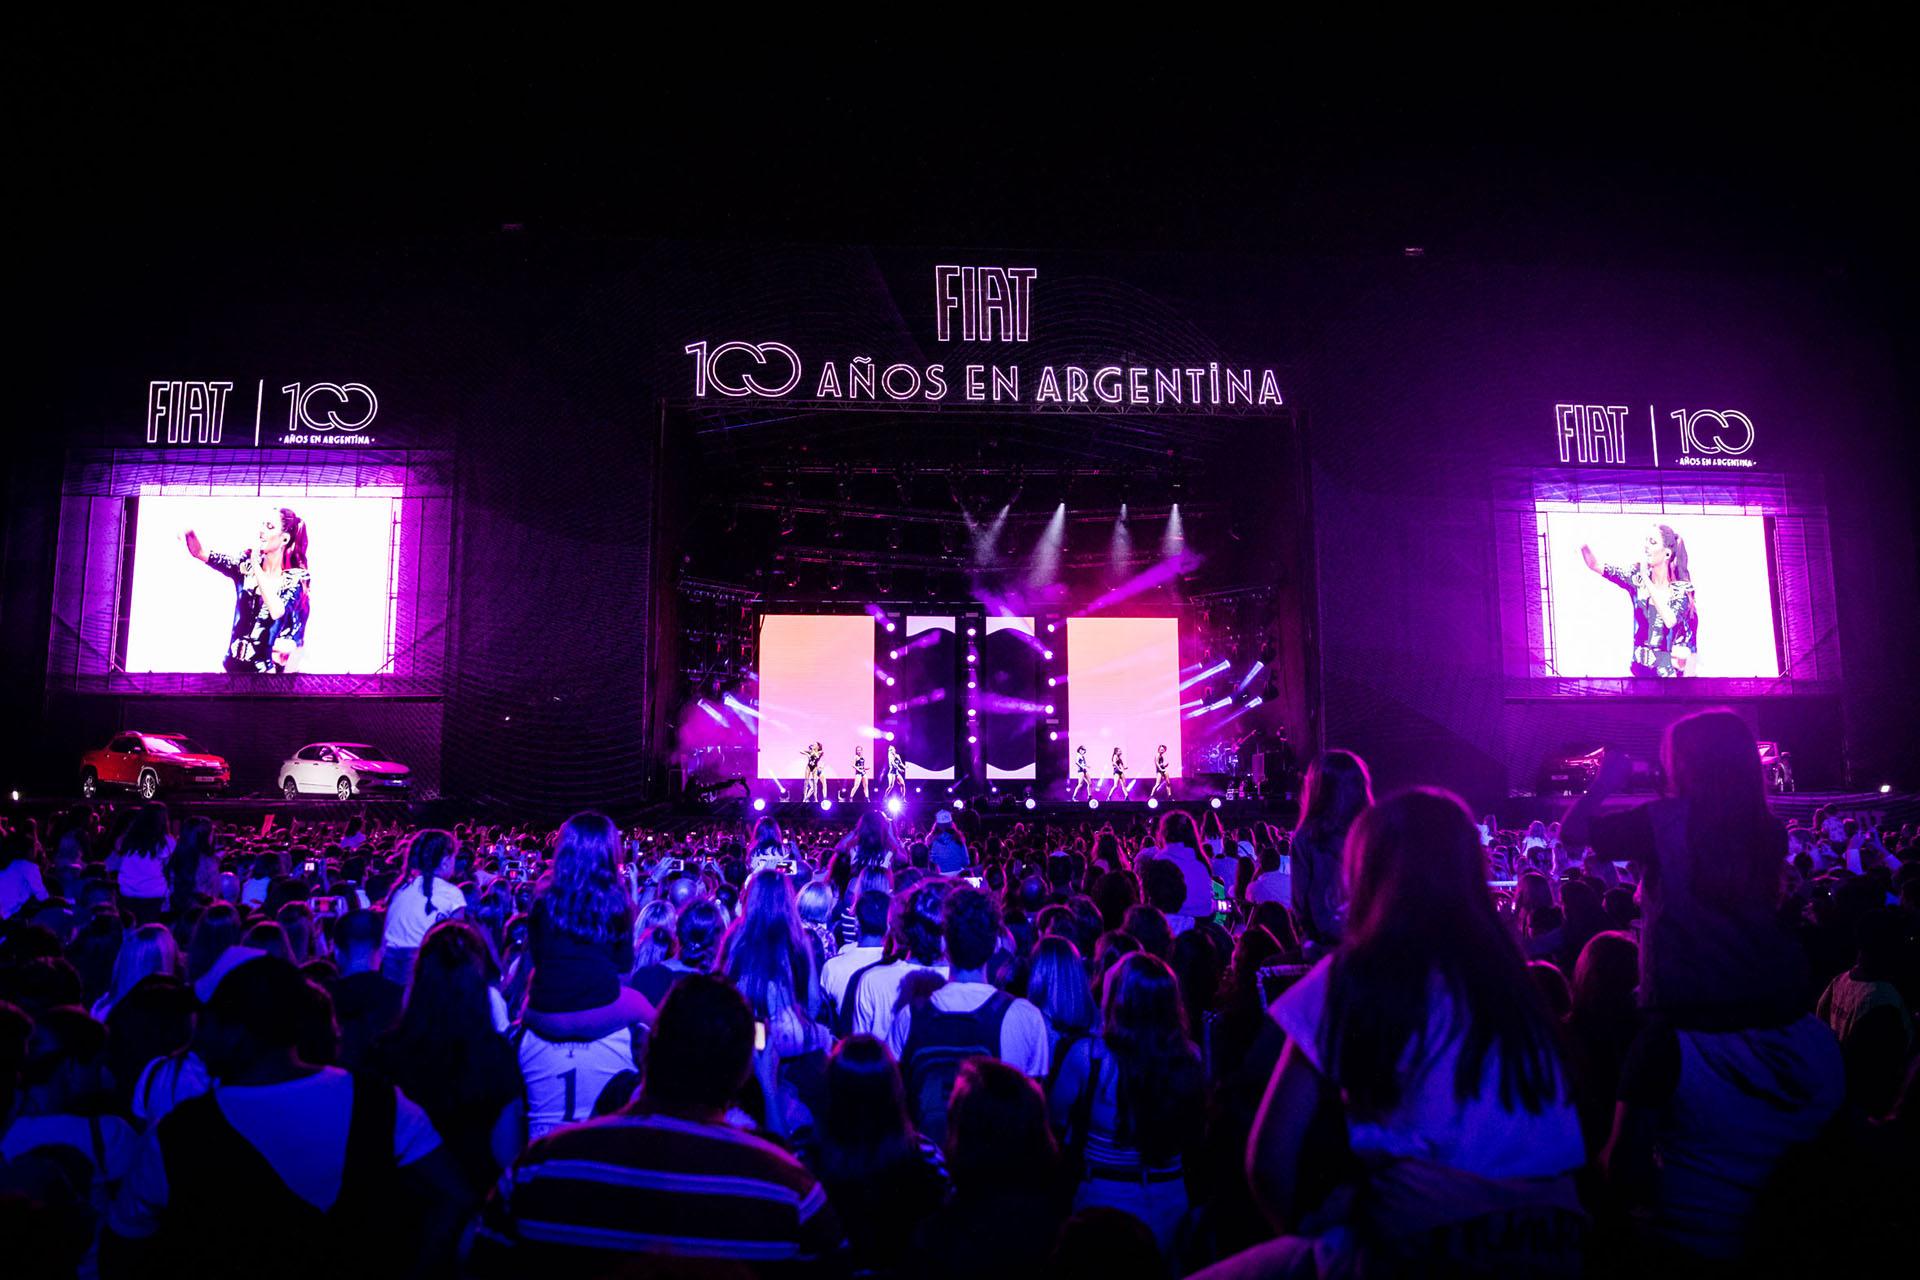 Miles de fanáticos bailaron y cantaron con el show de Tini Stoessel